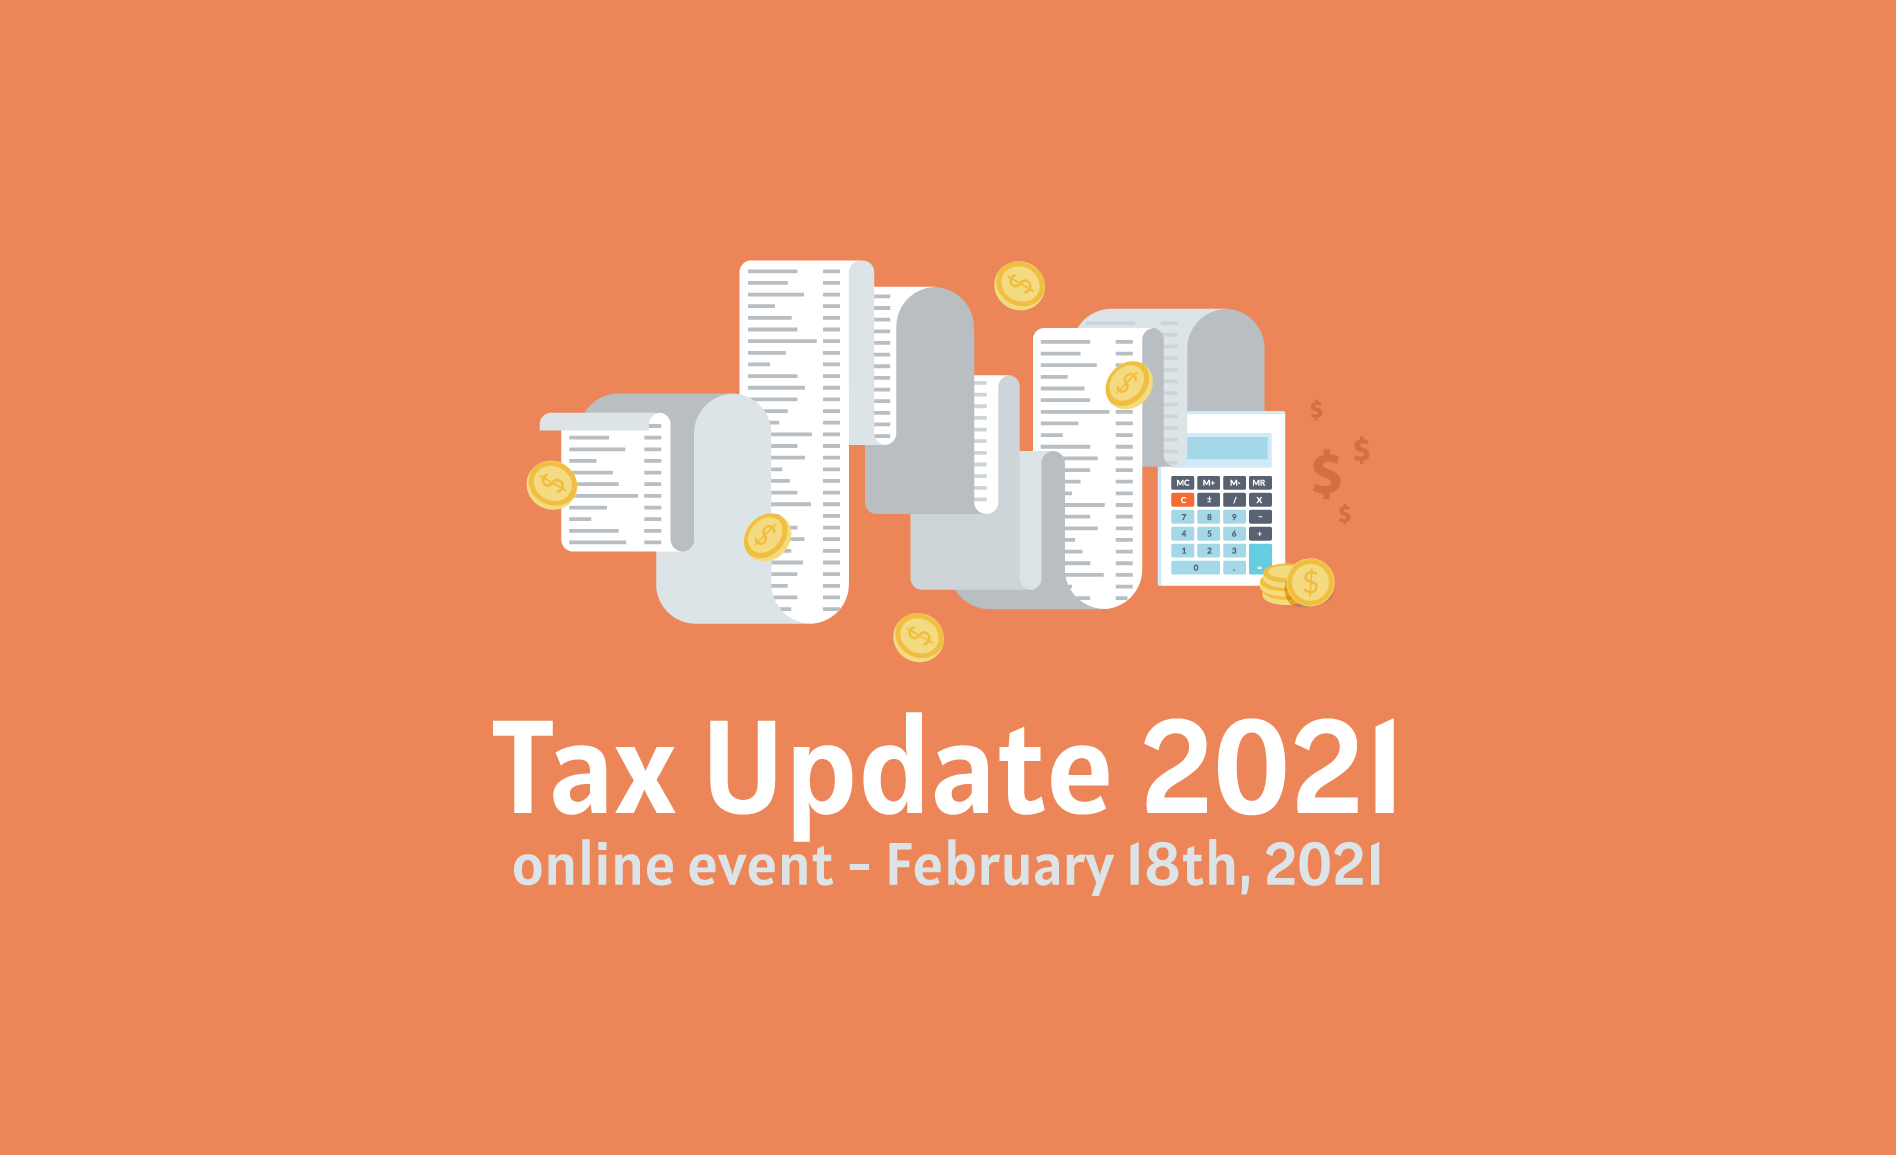 """Noutățile fiscale din acest an vor fi abordate pe 18 februarie la evenimentul online """"Tax Update 2021"""""""